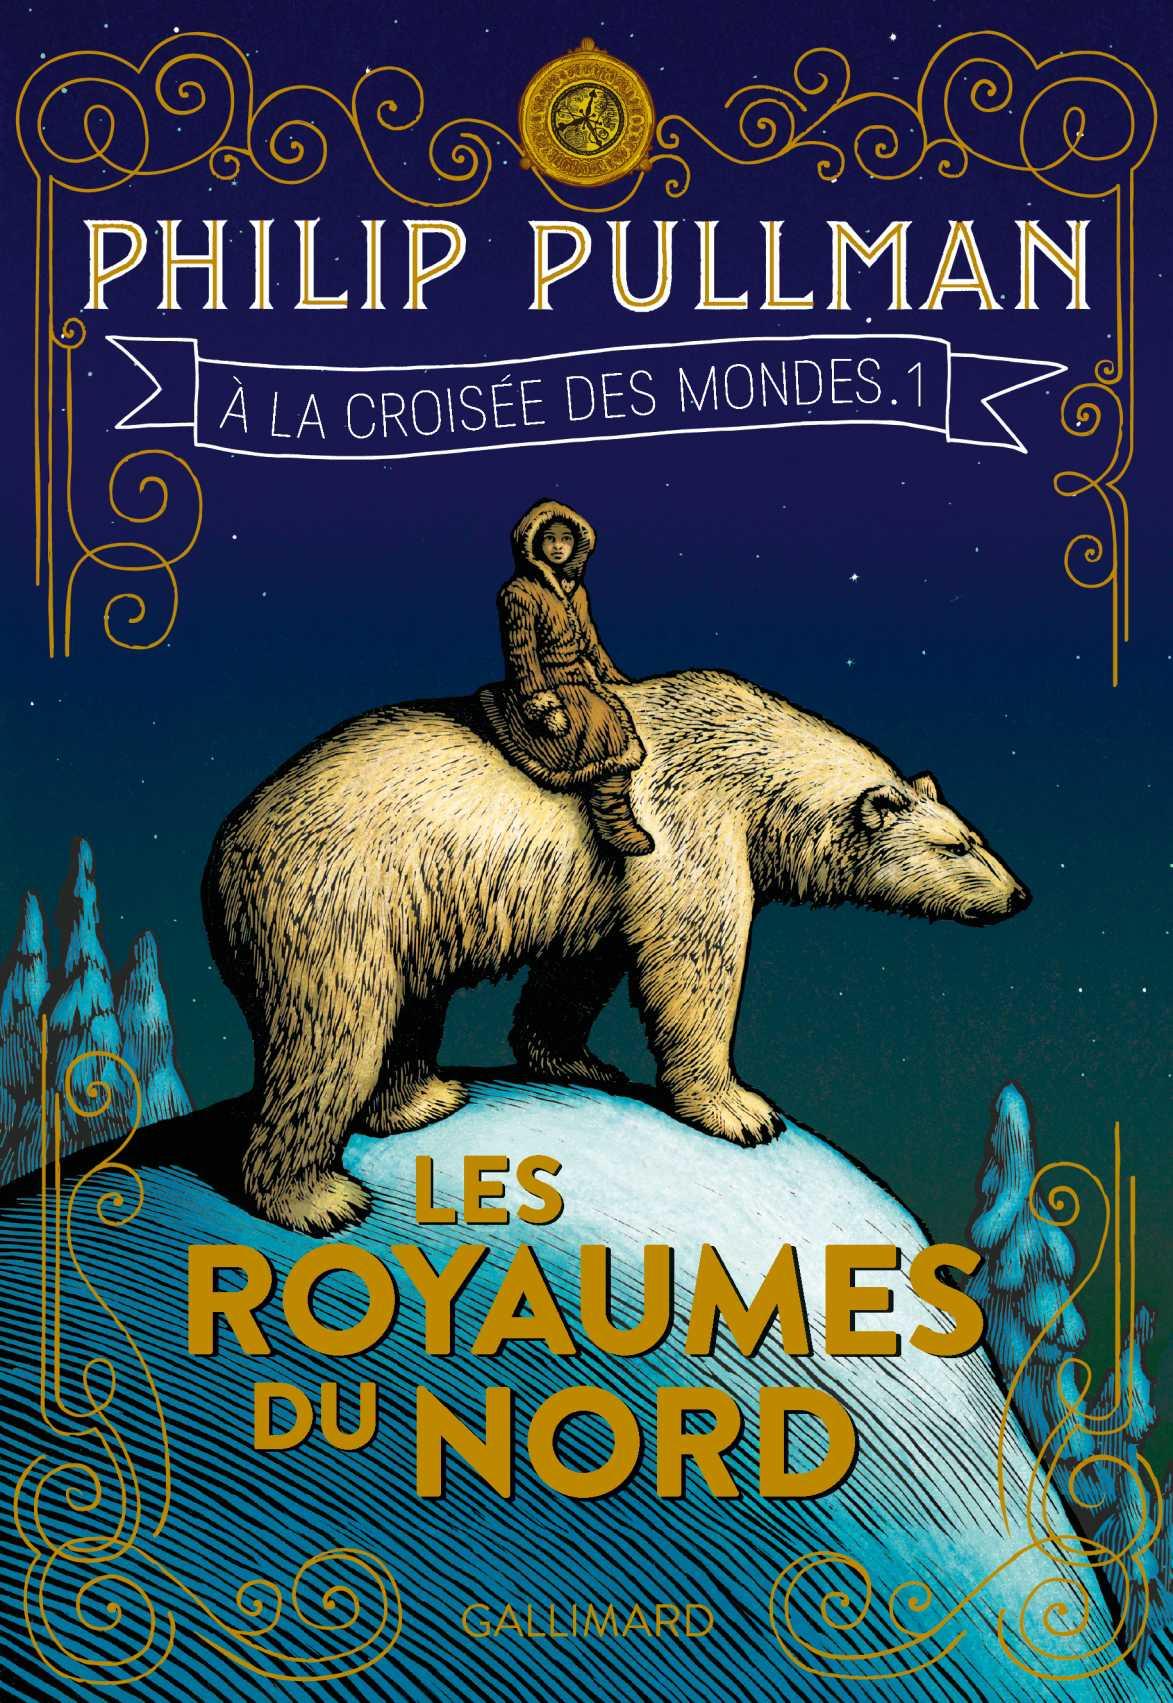 Les Royaumes du Nord, de Philip Pullman (1998)